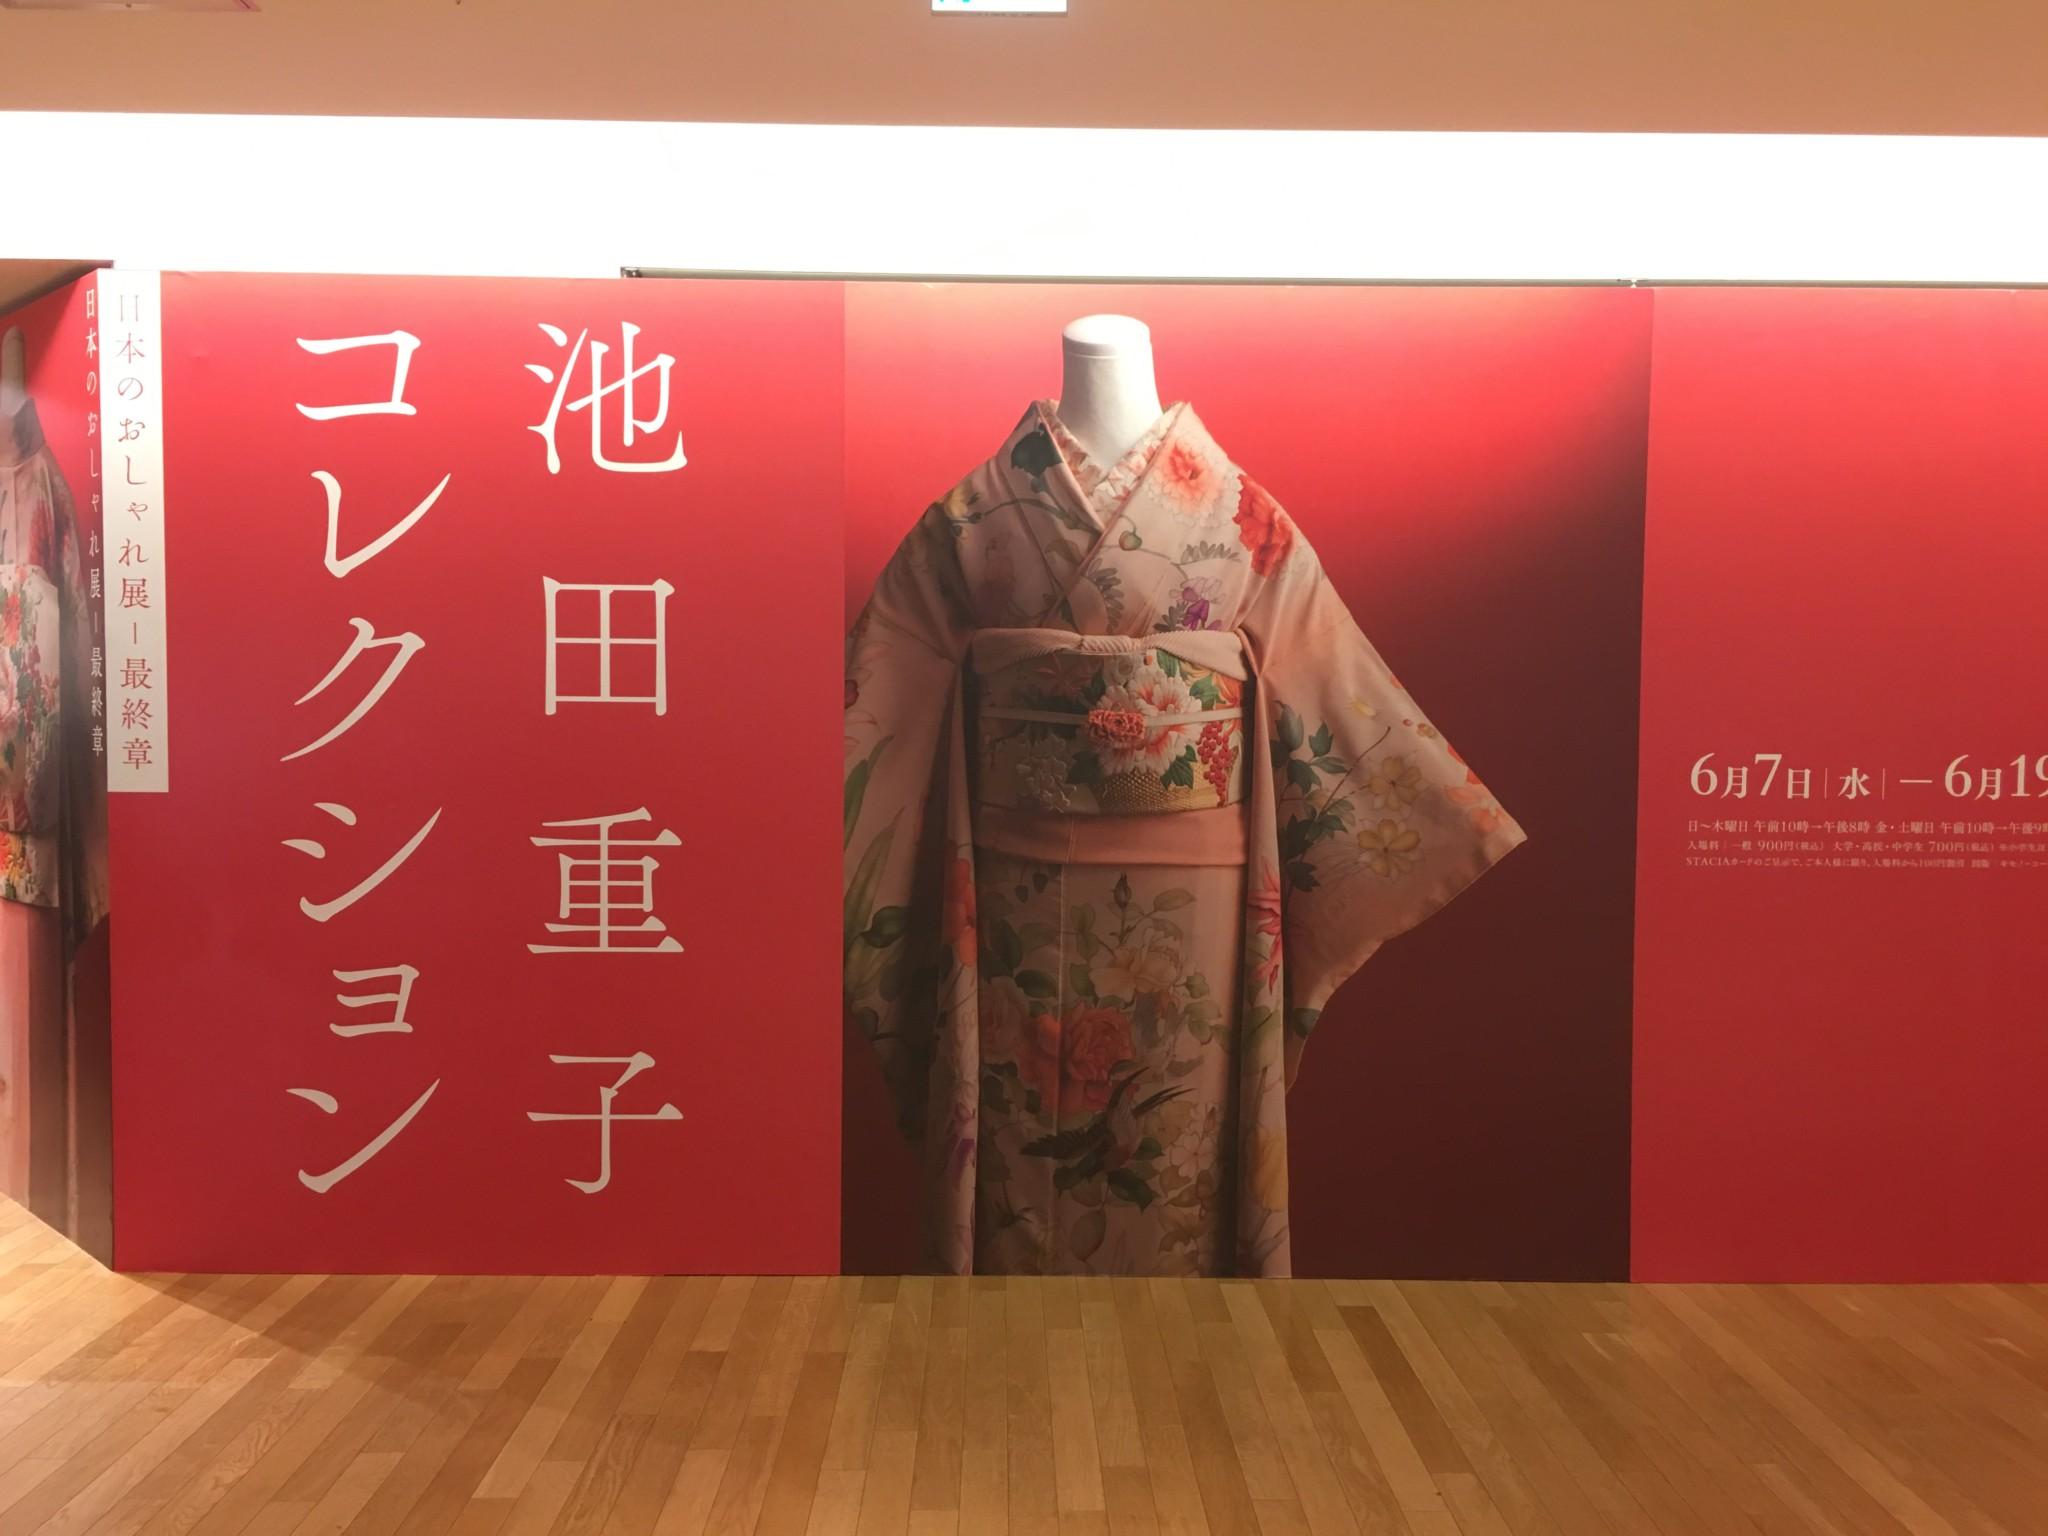 にほん の た て もの 展 東京国立博物館 - 展示 表慶館...